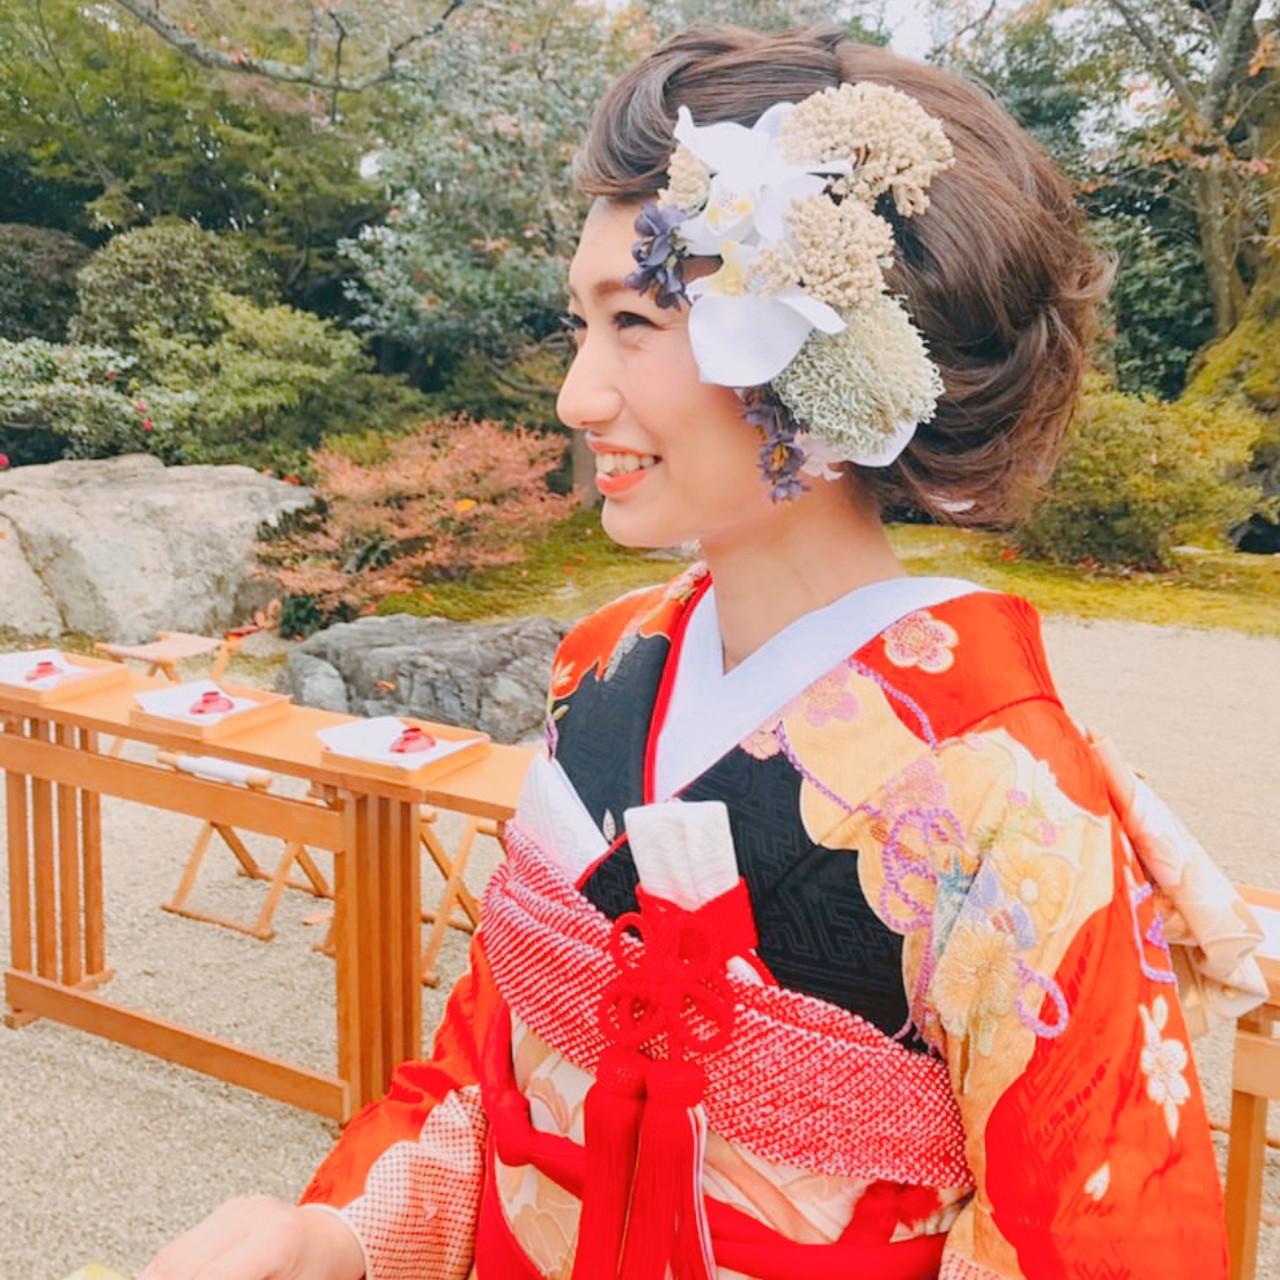 ヘアアレンジ 結婚式髪型 結婚式ヘアアレンジ フェミニン ヘアスタイルや髪型の写真・画像